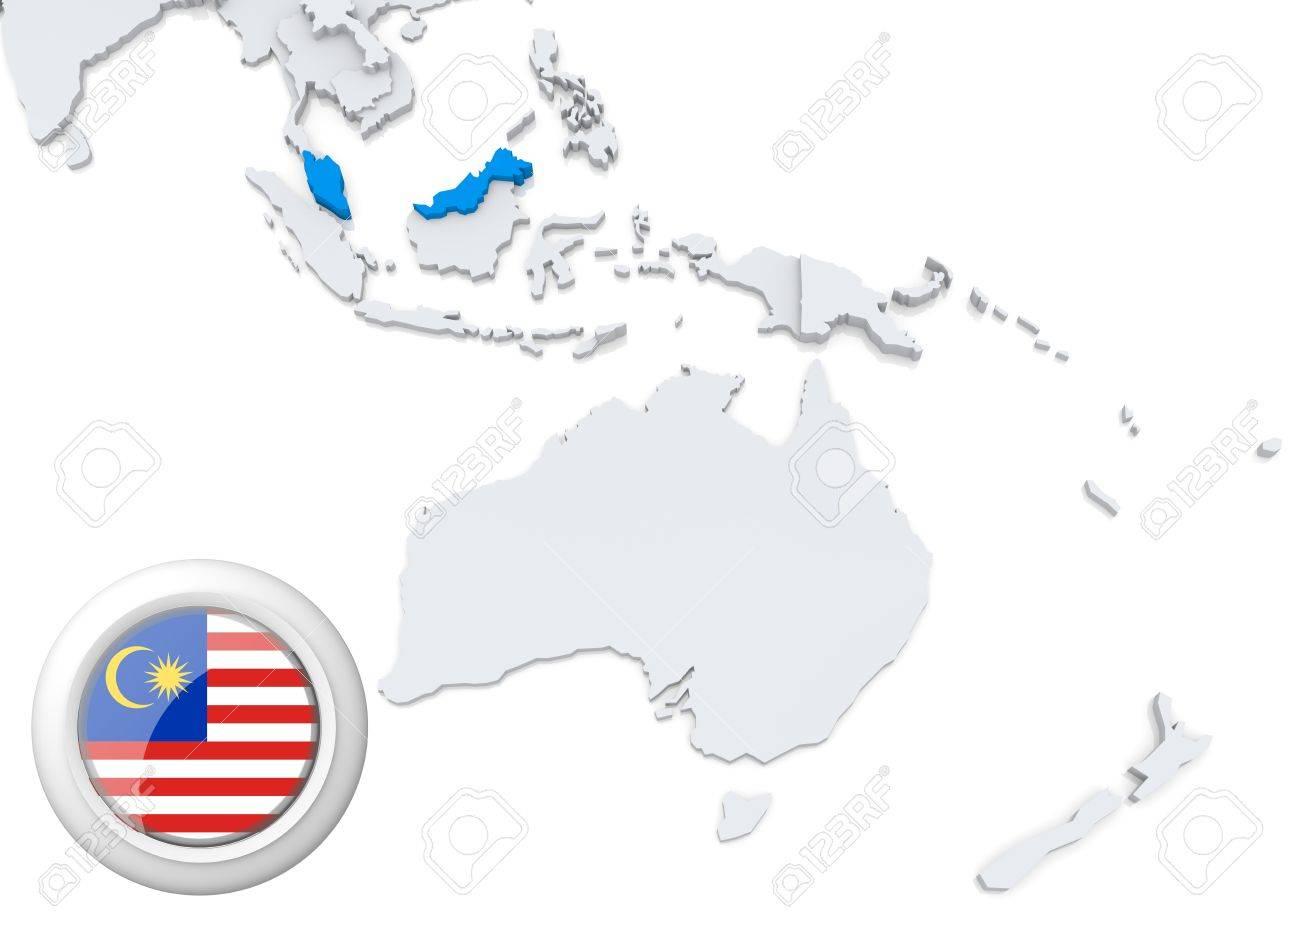 Carte Australie Malaisie.Actualites En Matiere De Malaisie Sur La Carte De L Australie Et De L Oceanie Avec Le Drapeau National